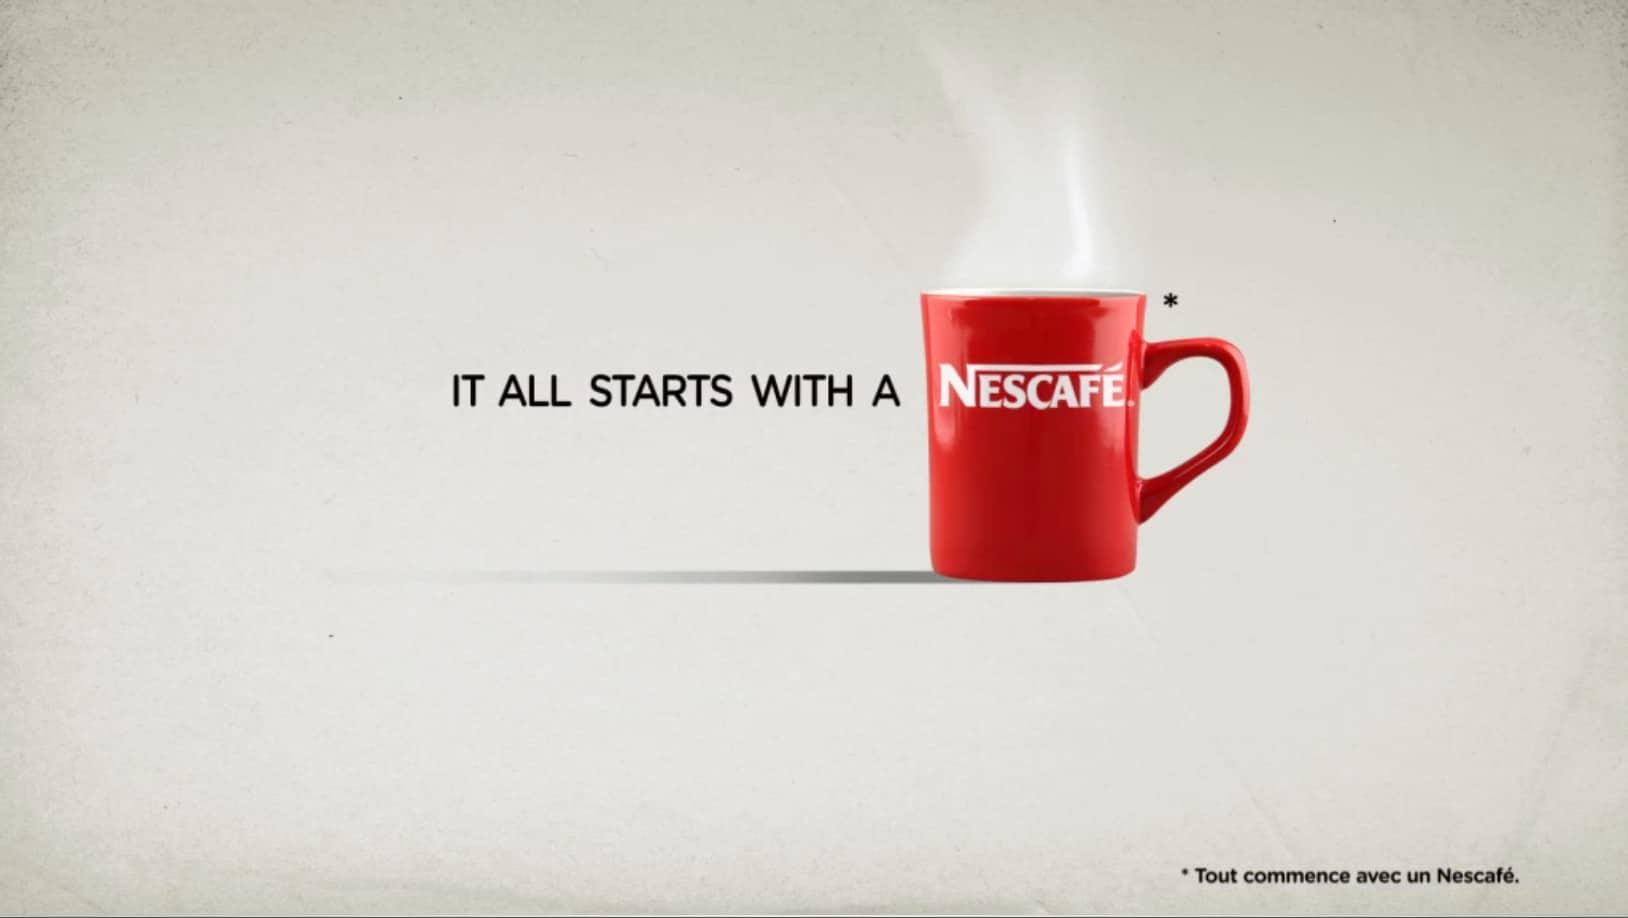 Nescafe : Really friends